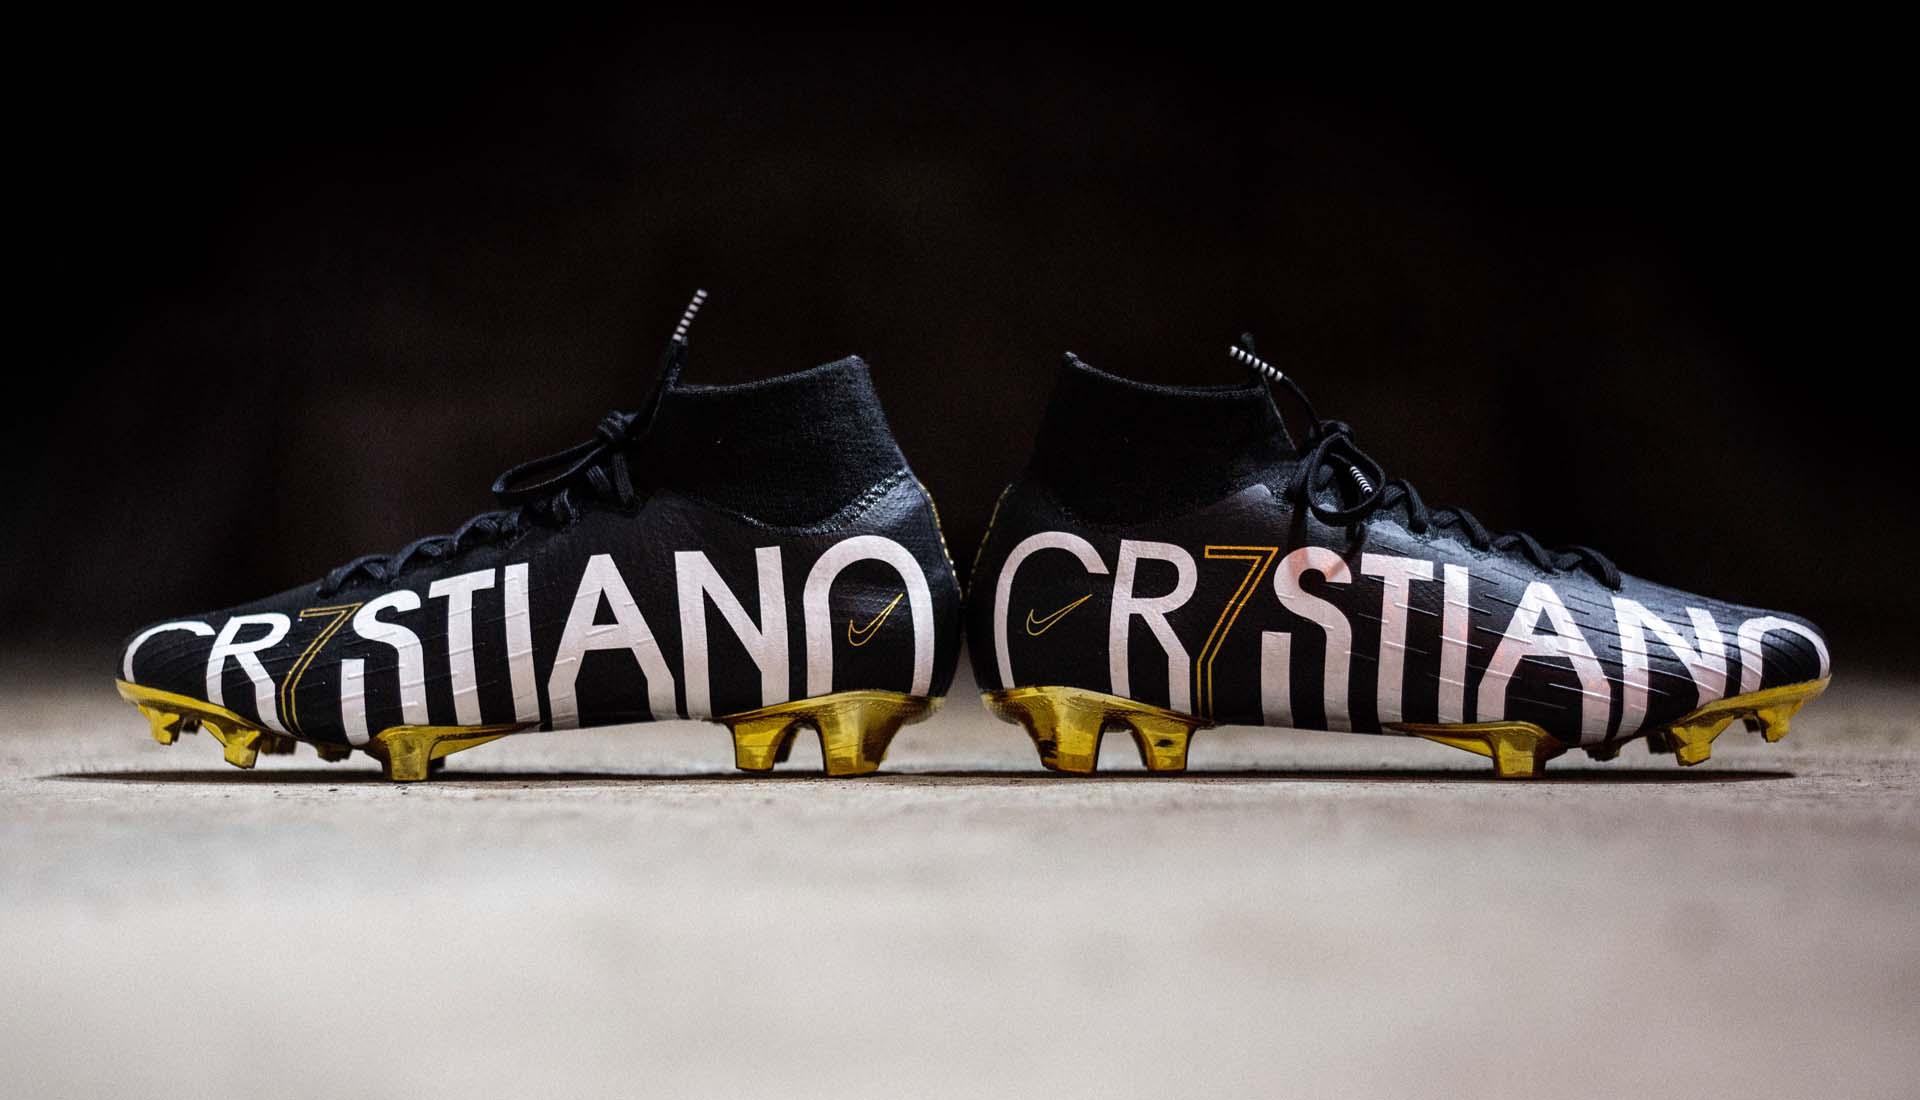 Giày đá bóng Nike chính hãng CR7 SE màu đen cực kỳ đẹp mắt của Ronaldo